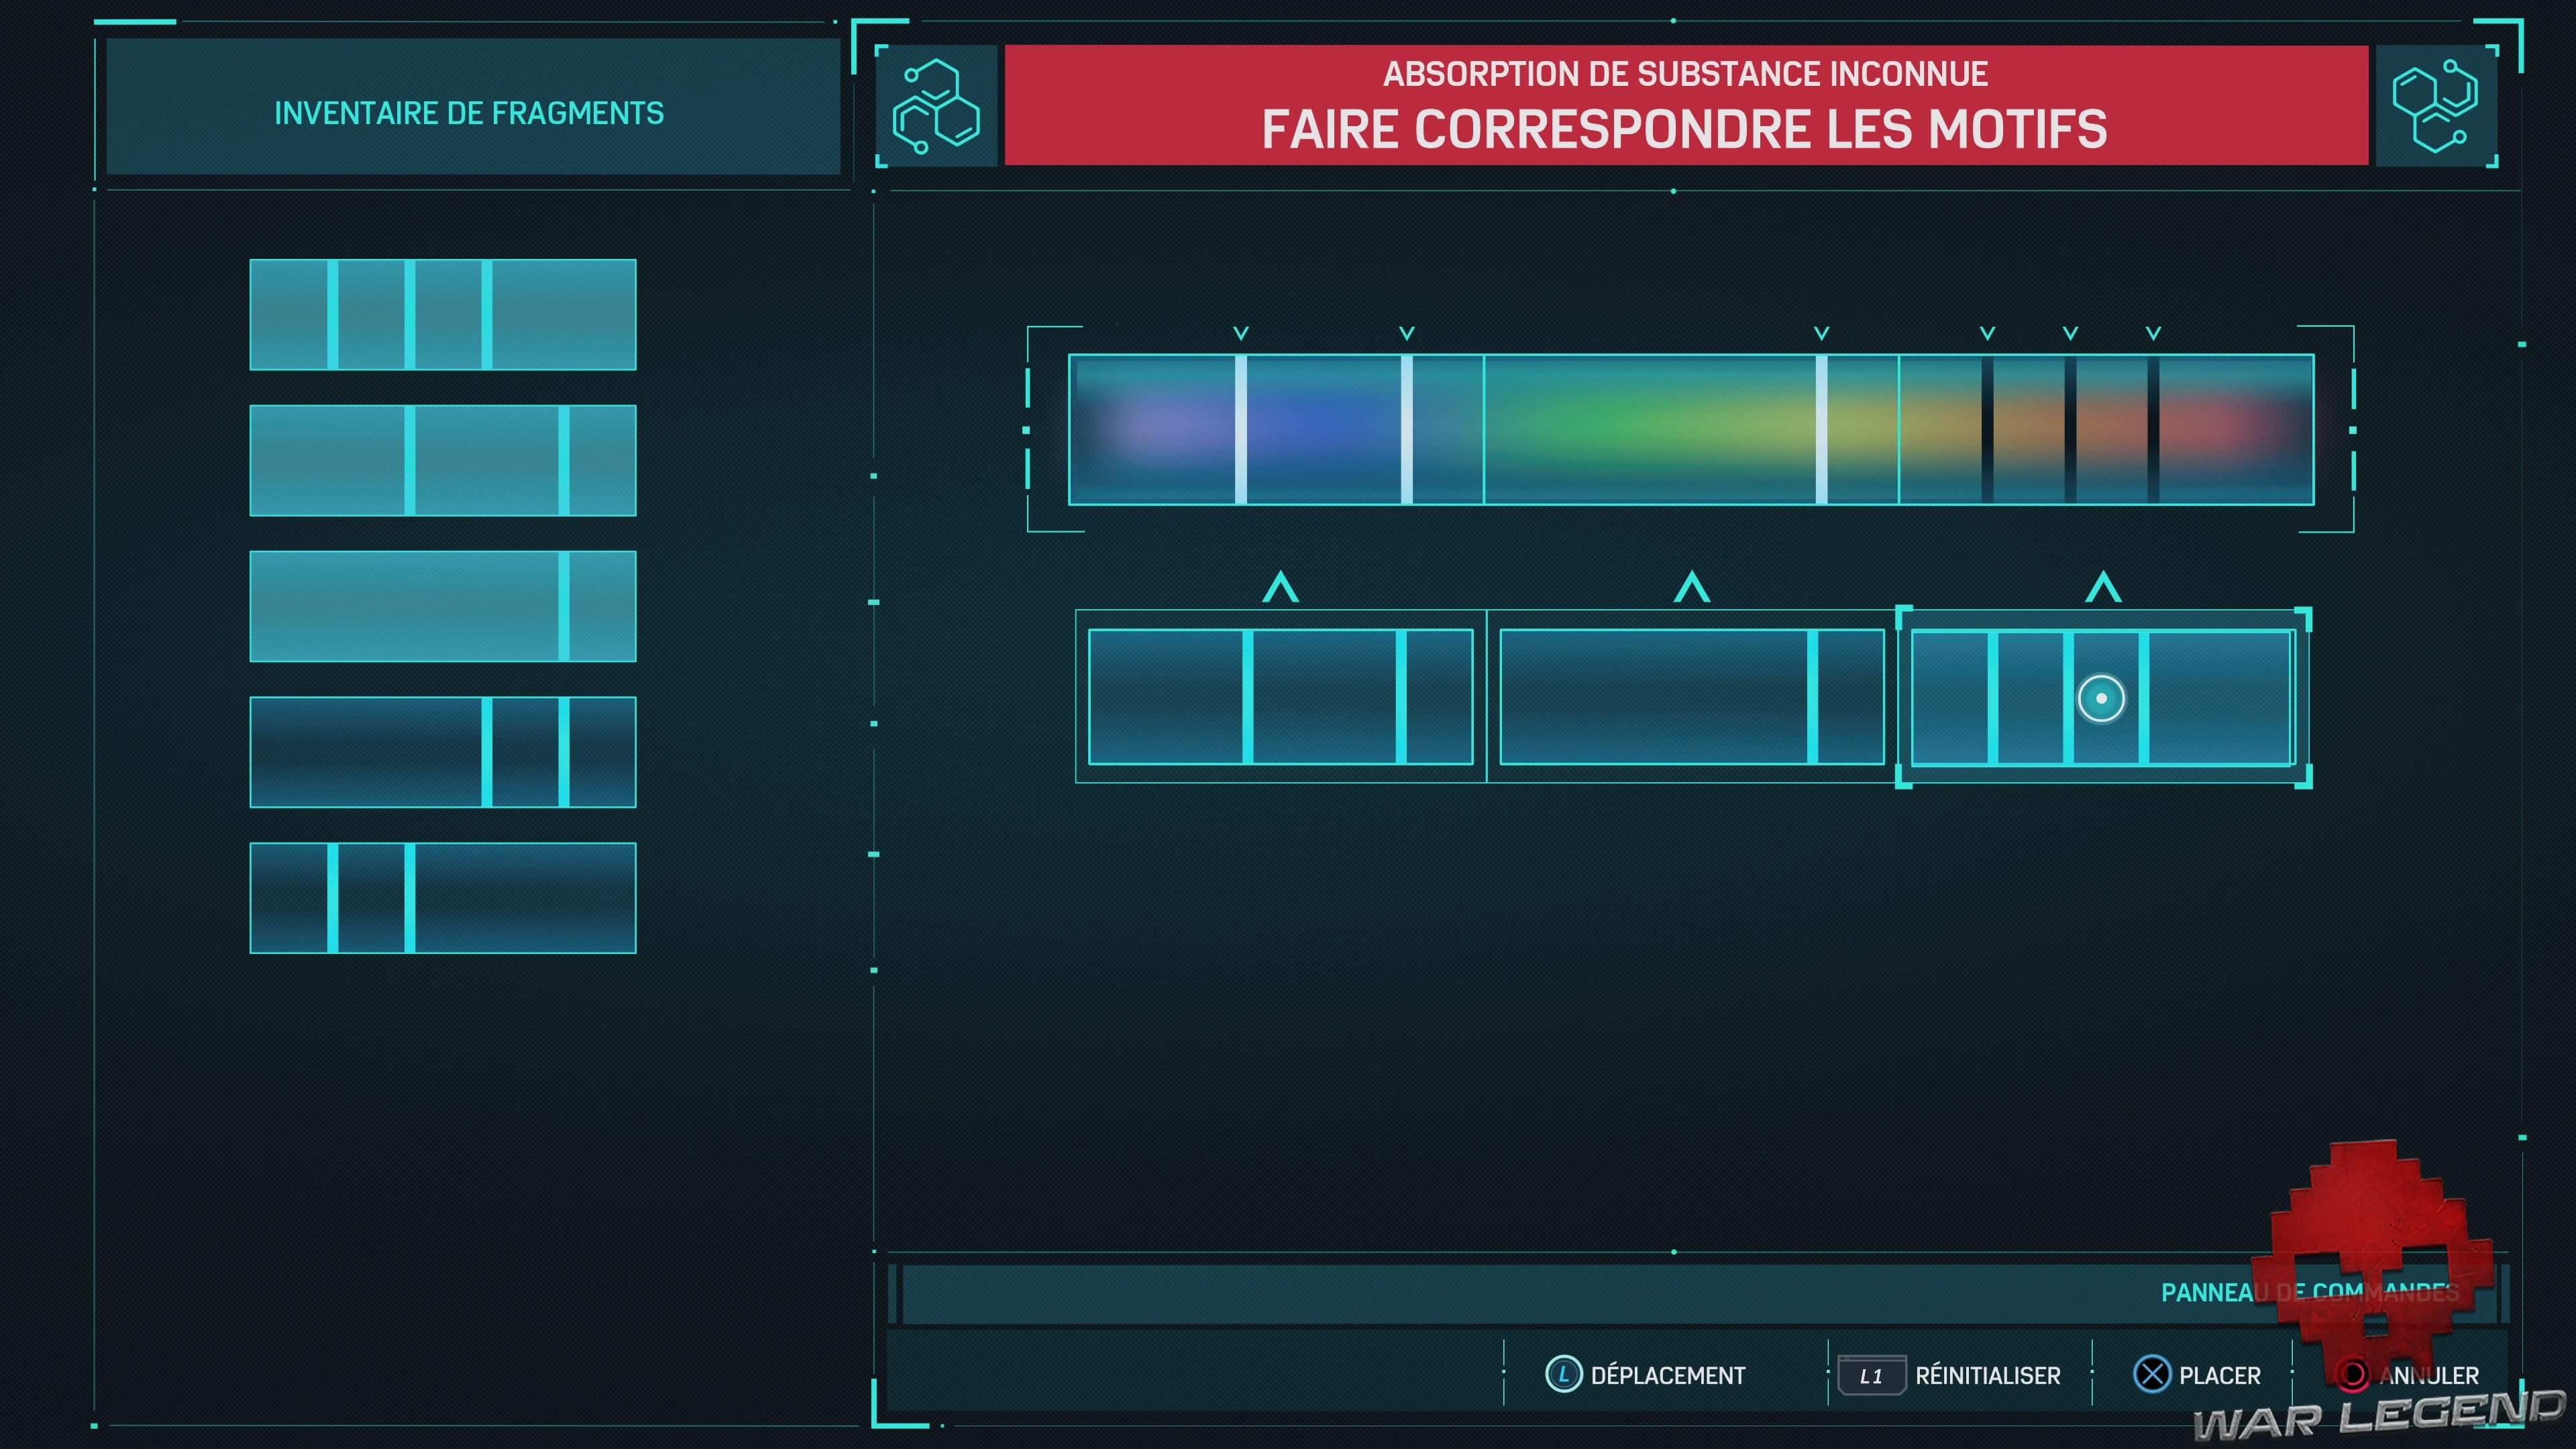 Le mini-jeu du spectrographe